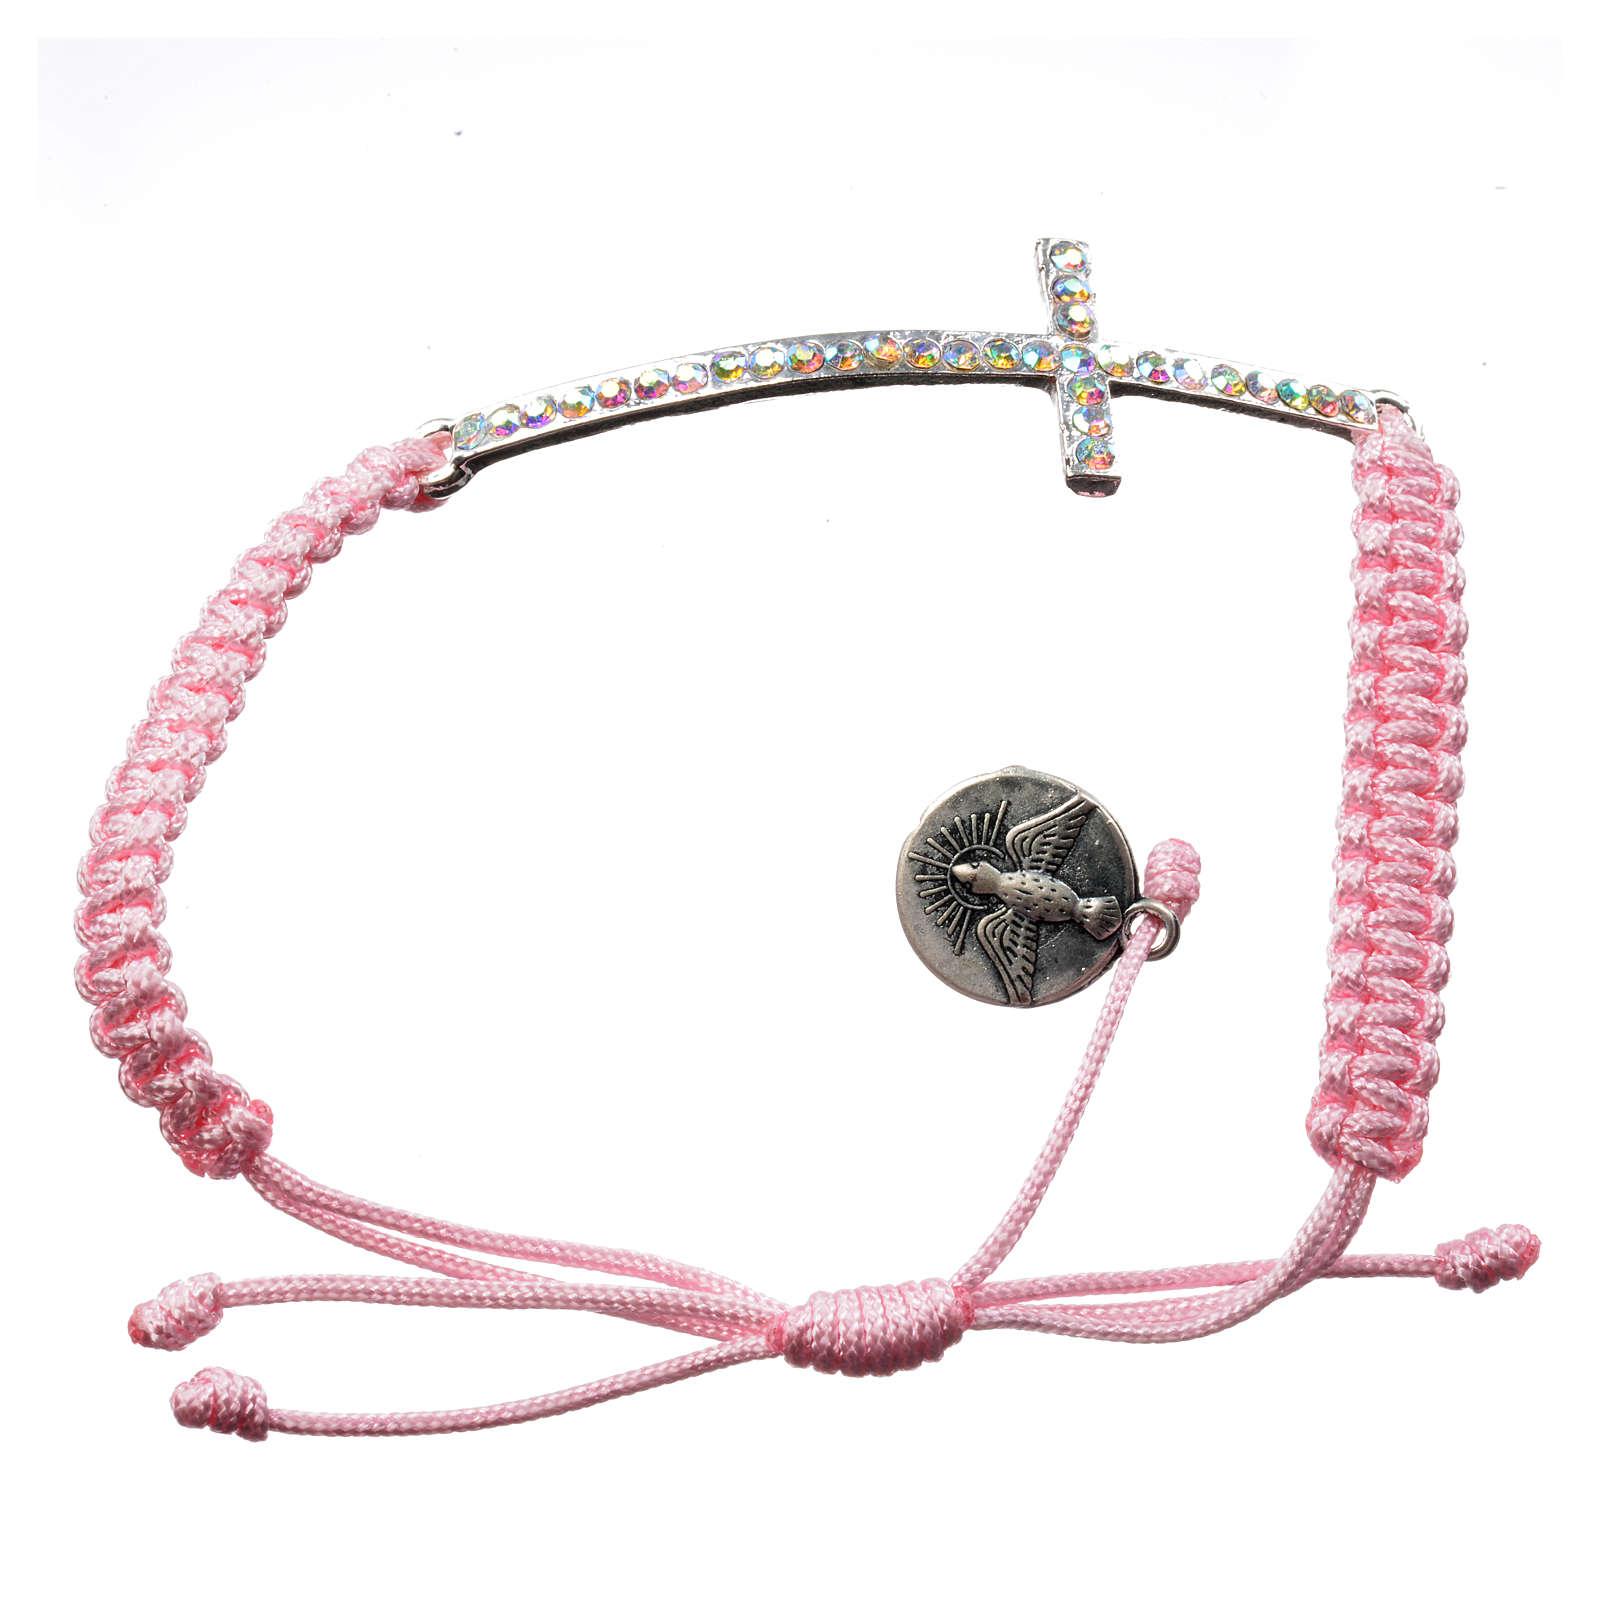 Bracciale Medjugorje corda rosa e Swarovski 4